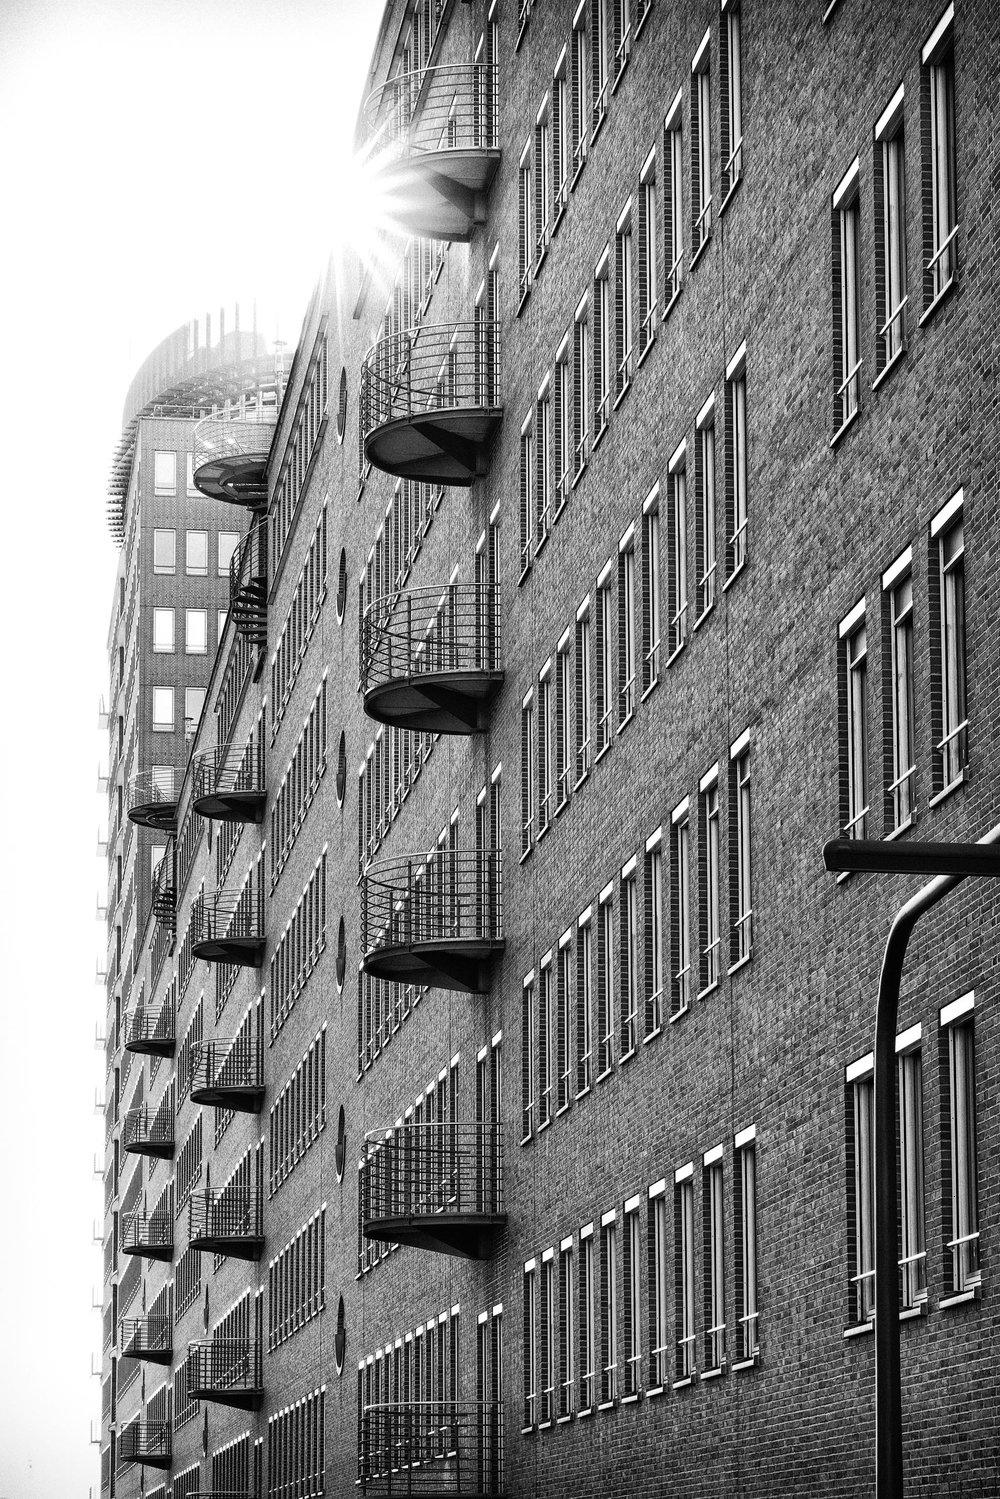 Häuserfassade-mit-Sonnenlicht-Stern-Hamburg-Architekturfotografie-Hamburg-Jens-Hannewald_0300.jpg